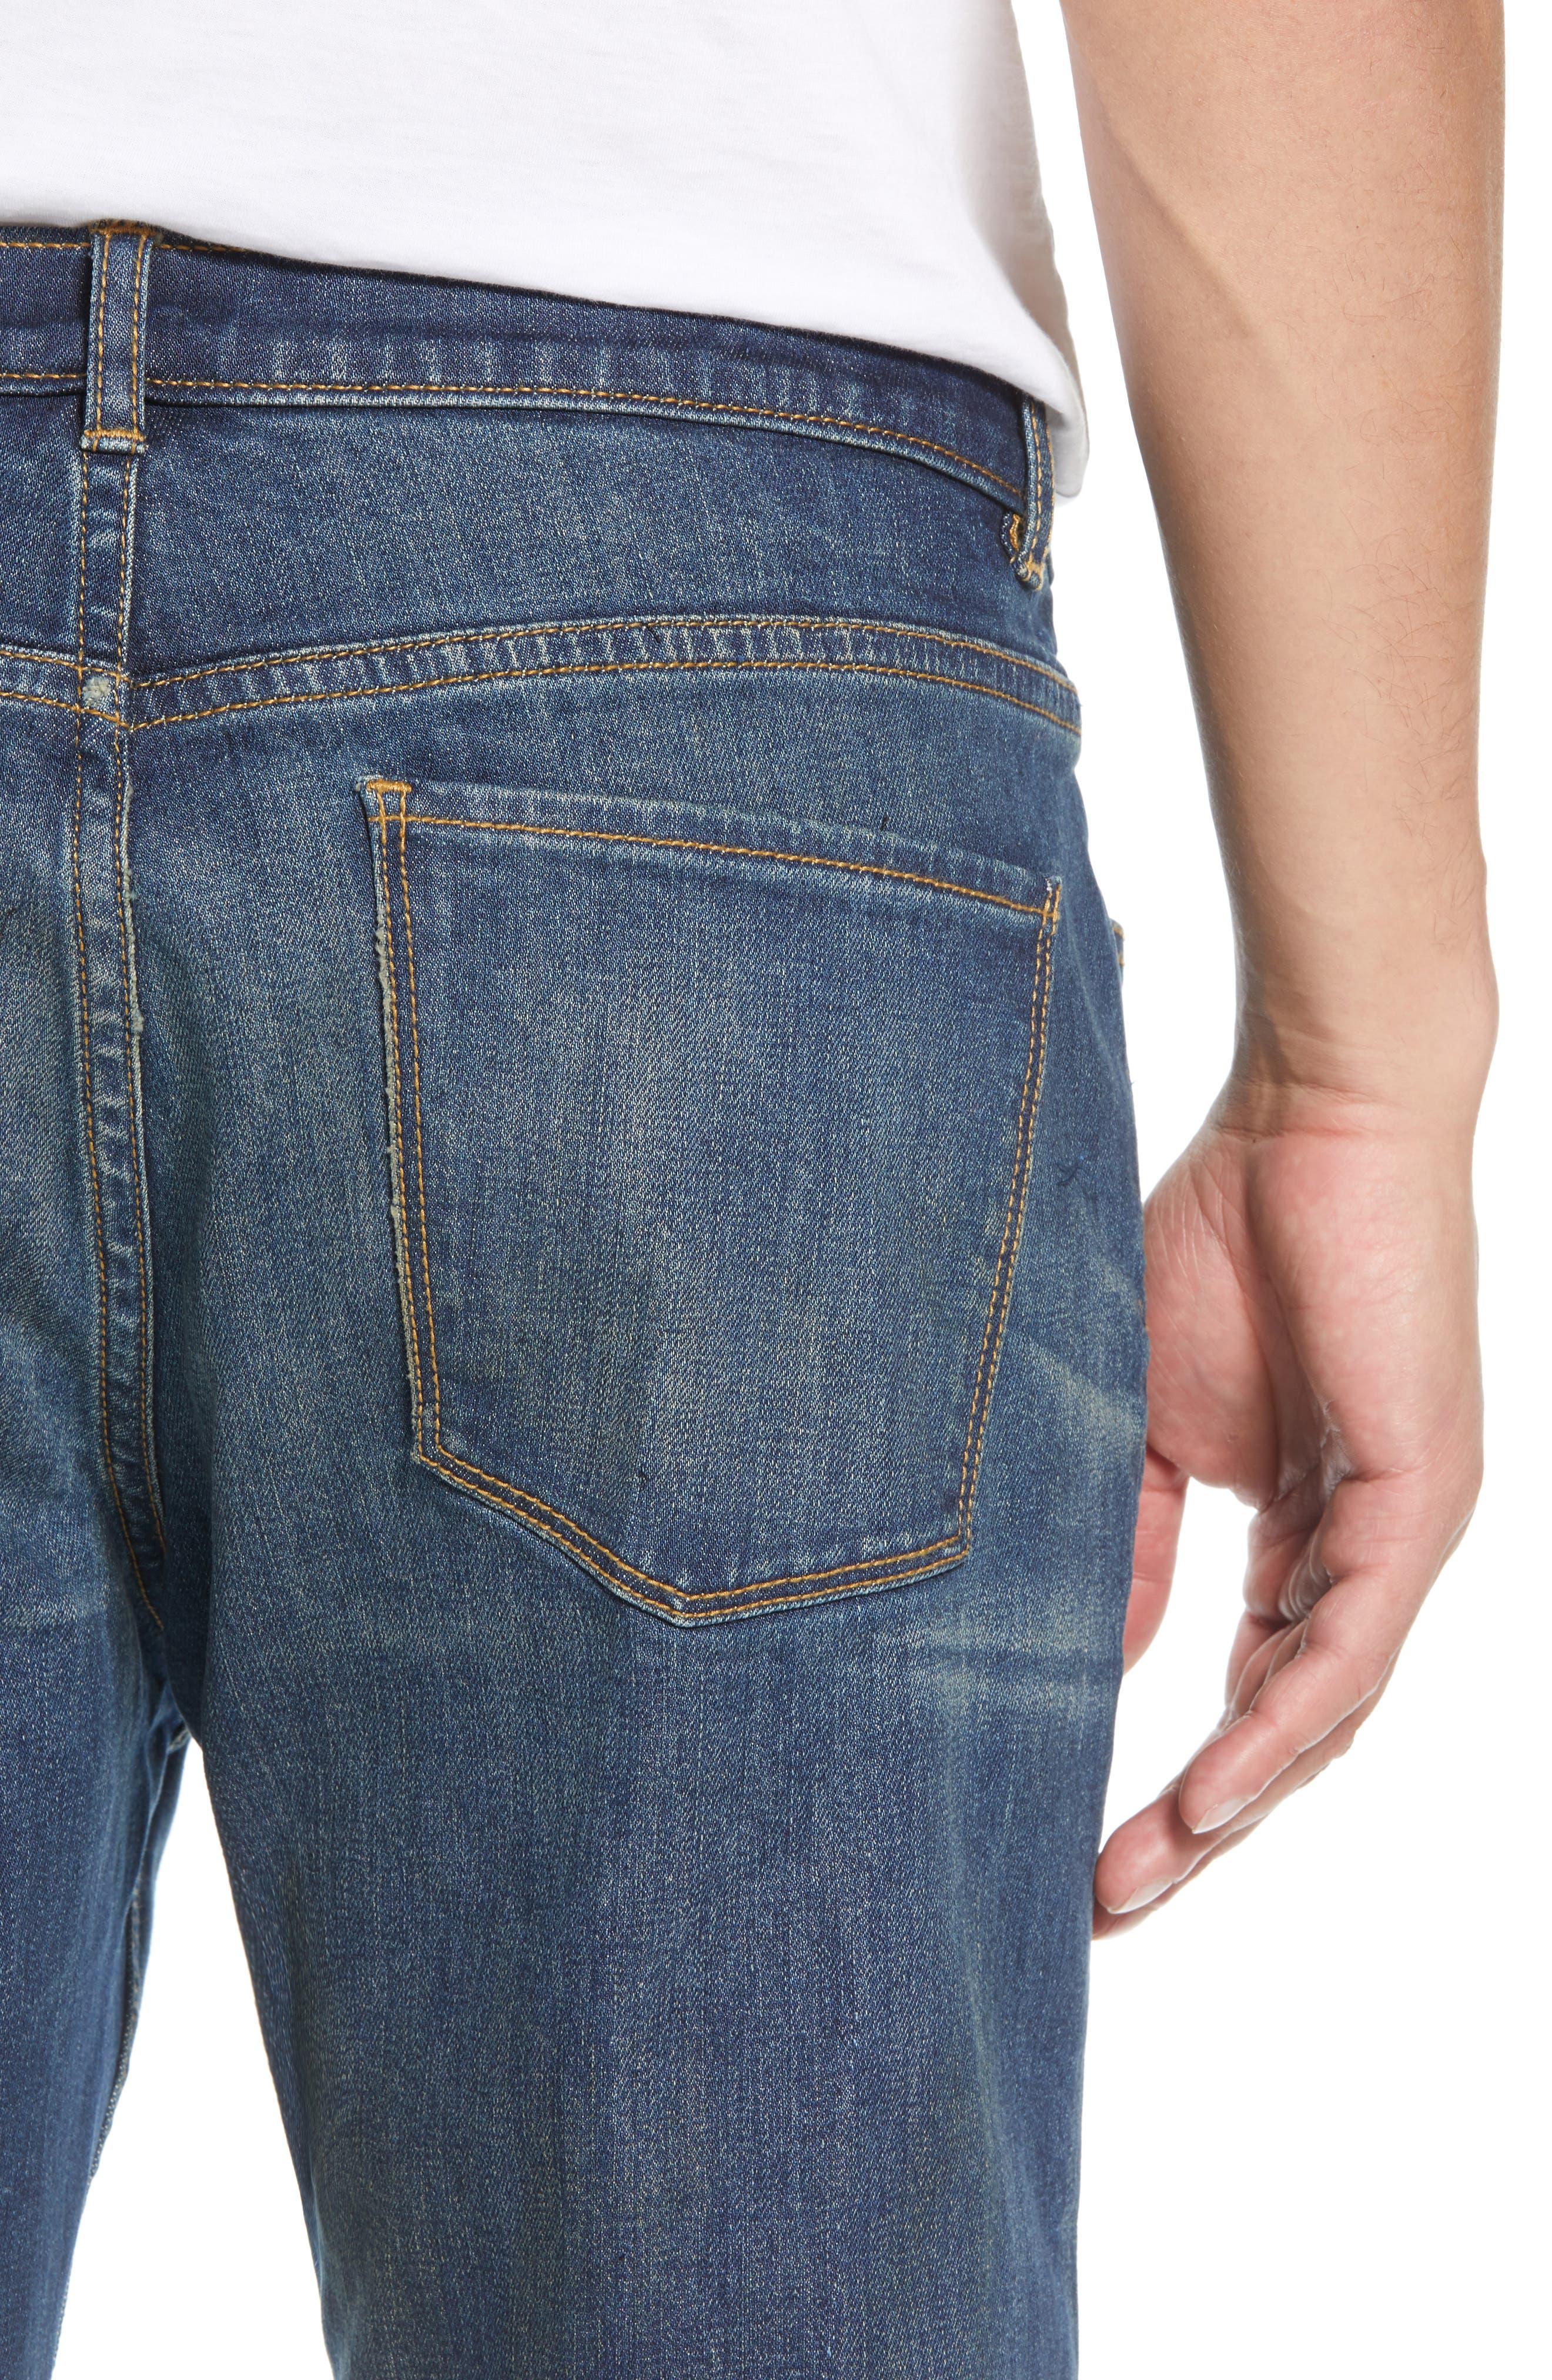 TREASURE & BOND,                             Slim Fit Jeans,                             Alternate thumbnail 4, color,                             BLUE MED VINTAGE WASH